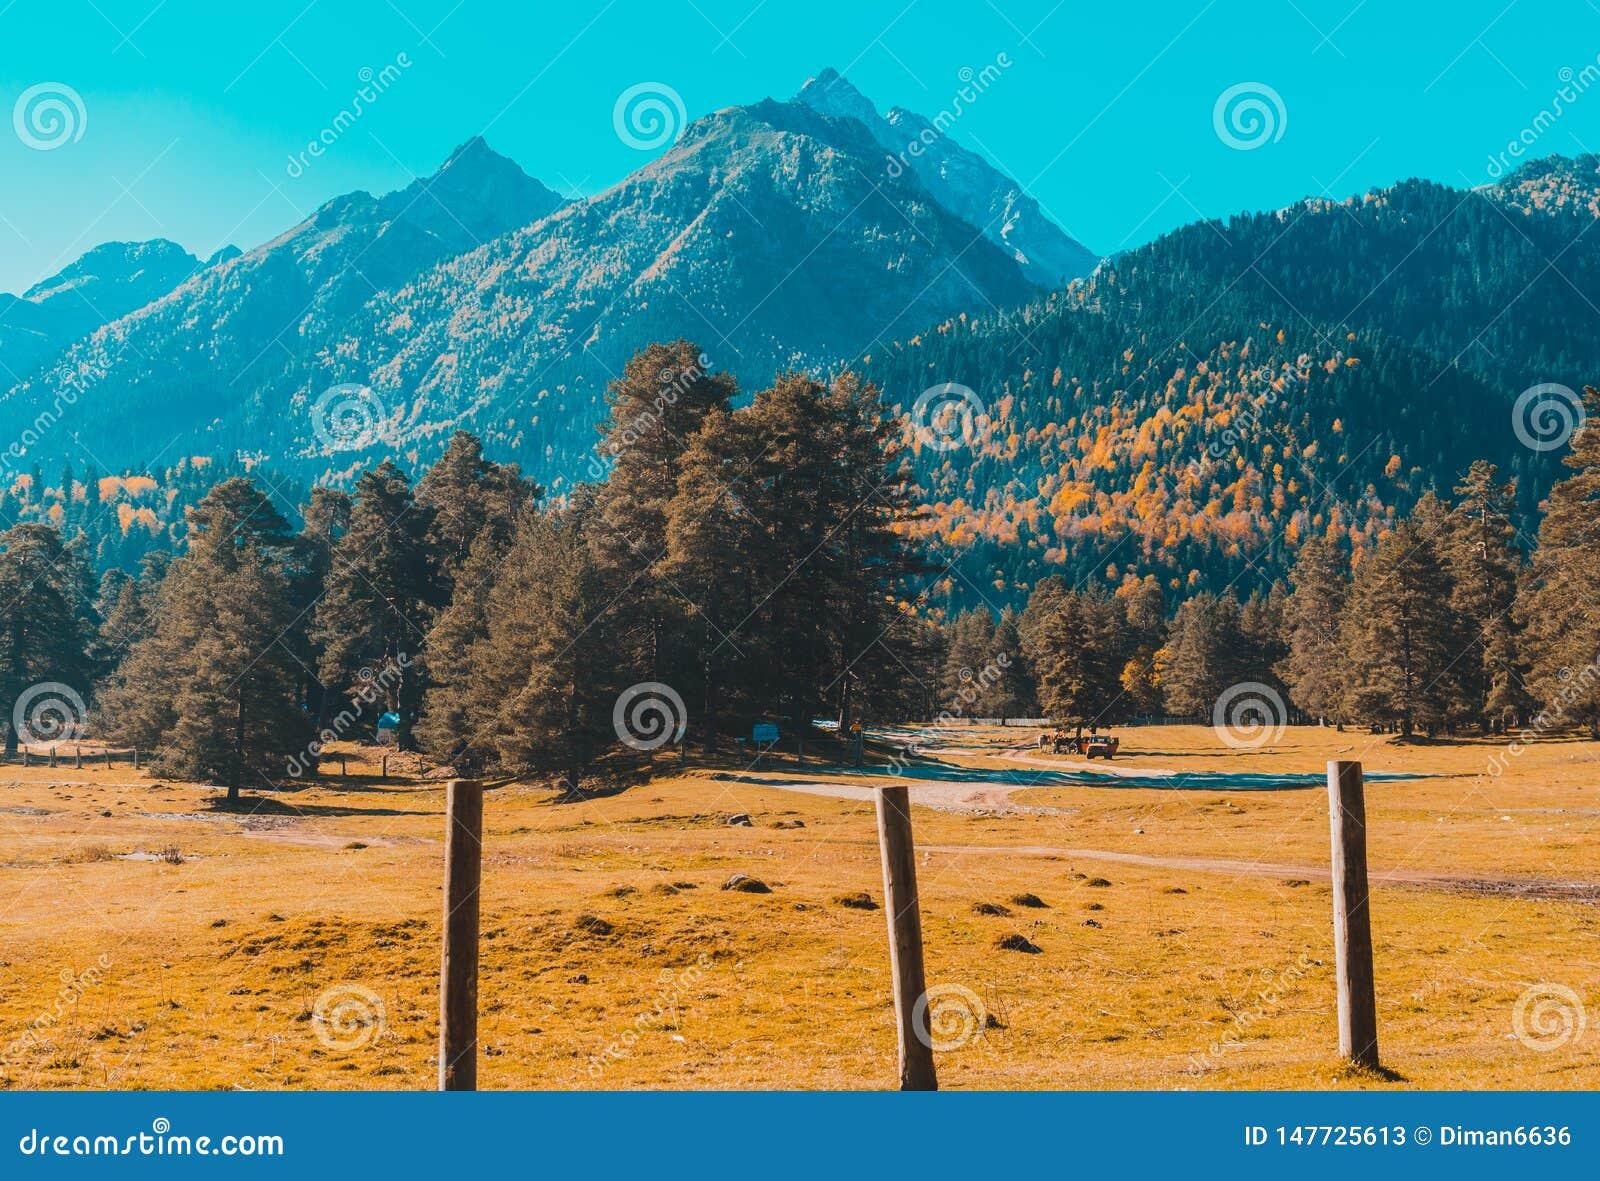 Paisaje del oto?o, ?rboles en el fondo de las monta?as, monta?as, naturaleza